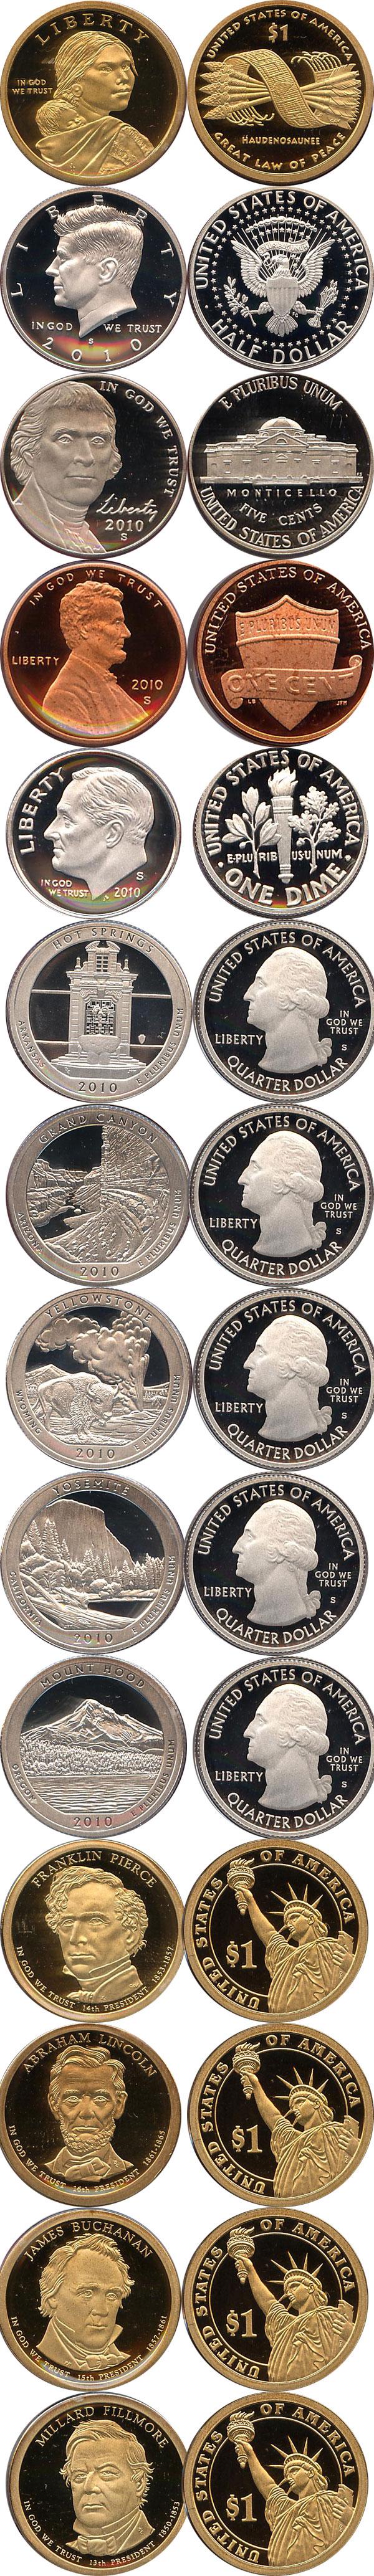 Картинка Подарочные монеты США Пруф-сет 2010 года  2010